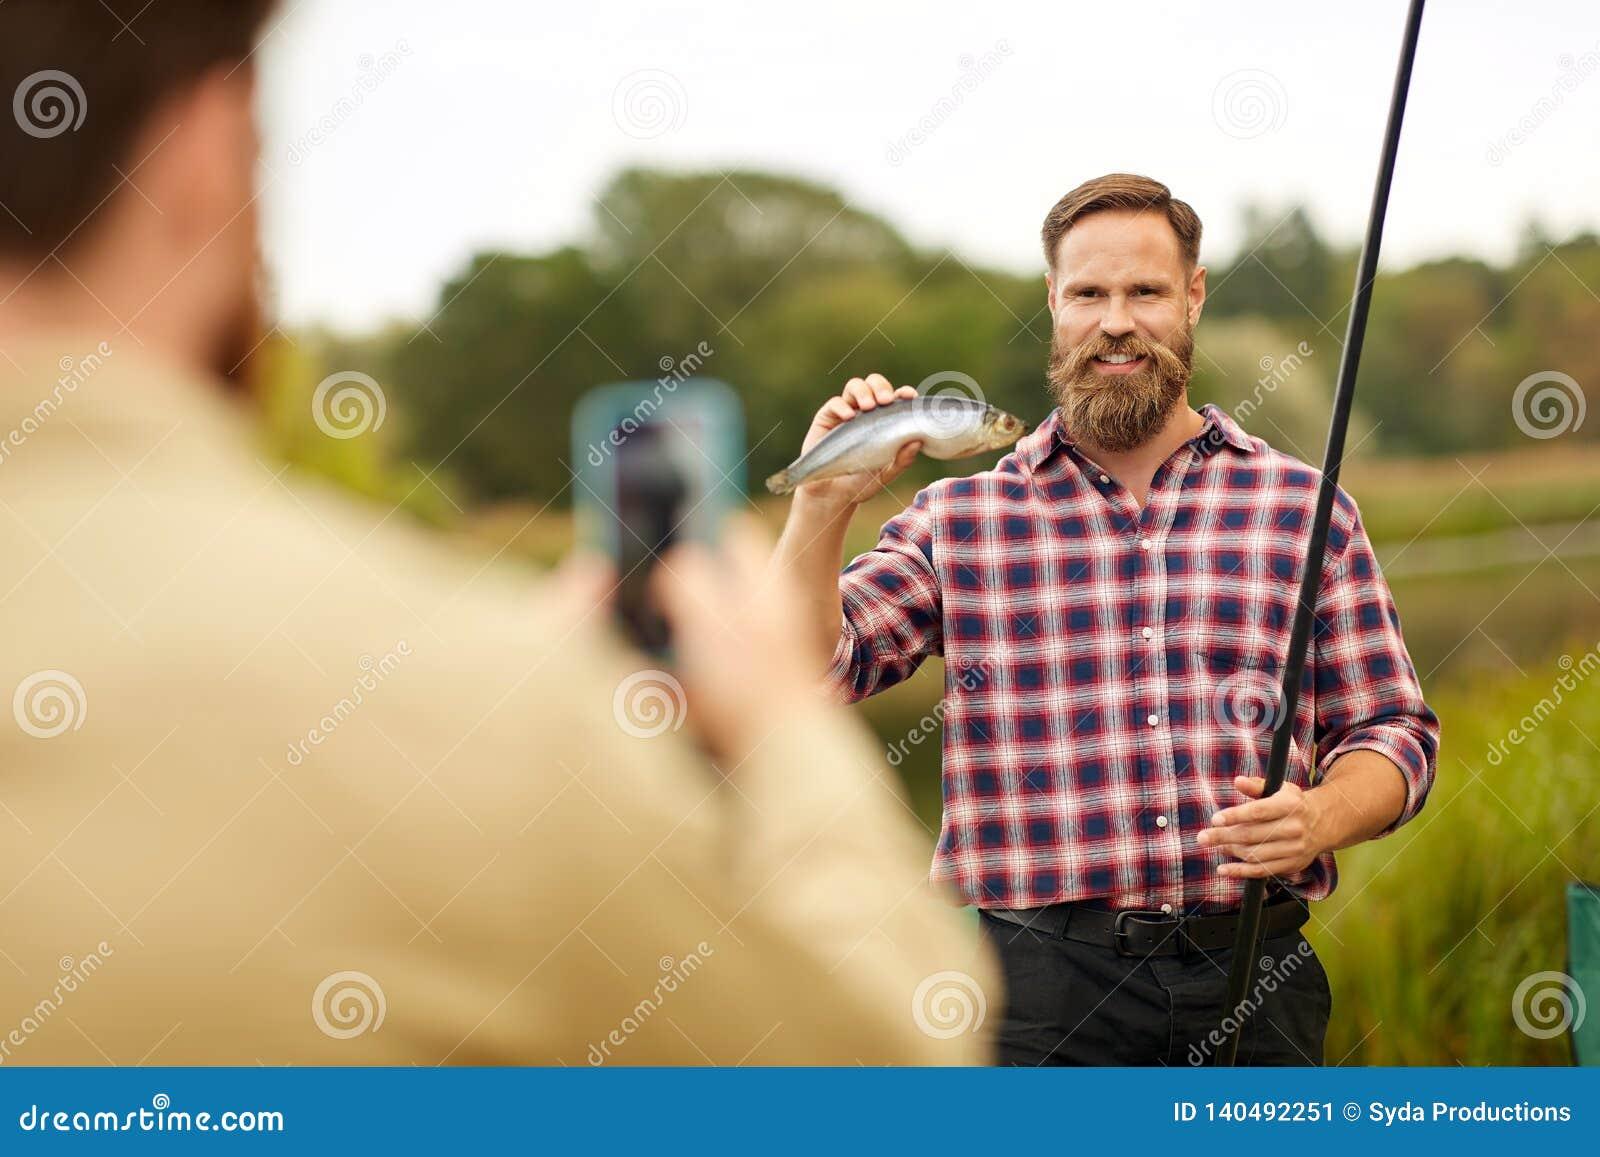 Vriend die visser met vissen fotograferen bij meer